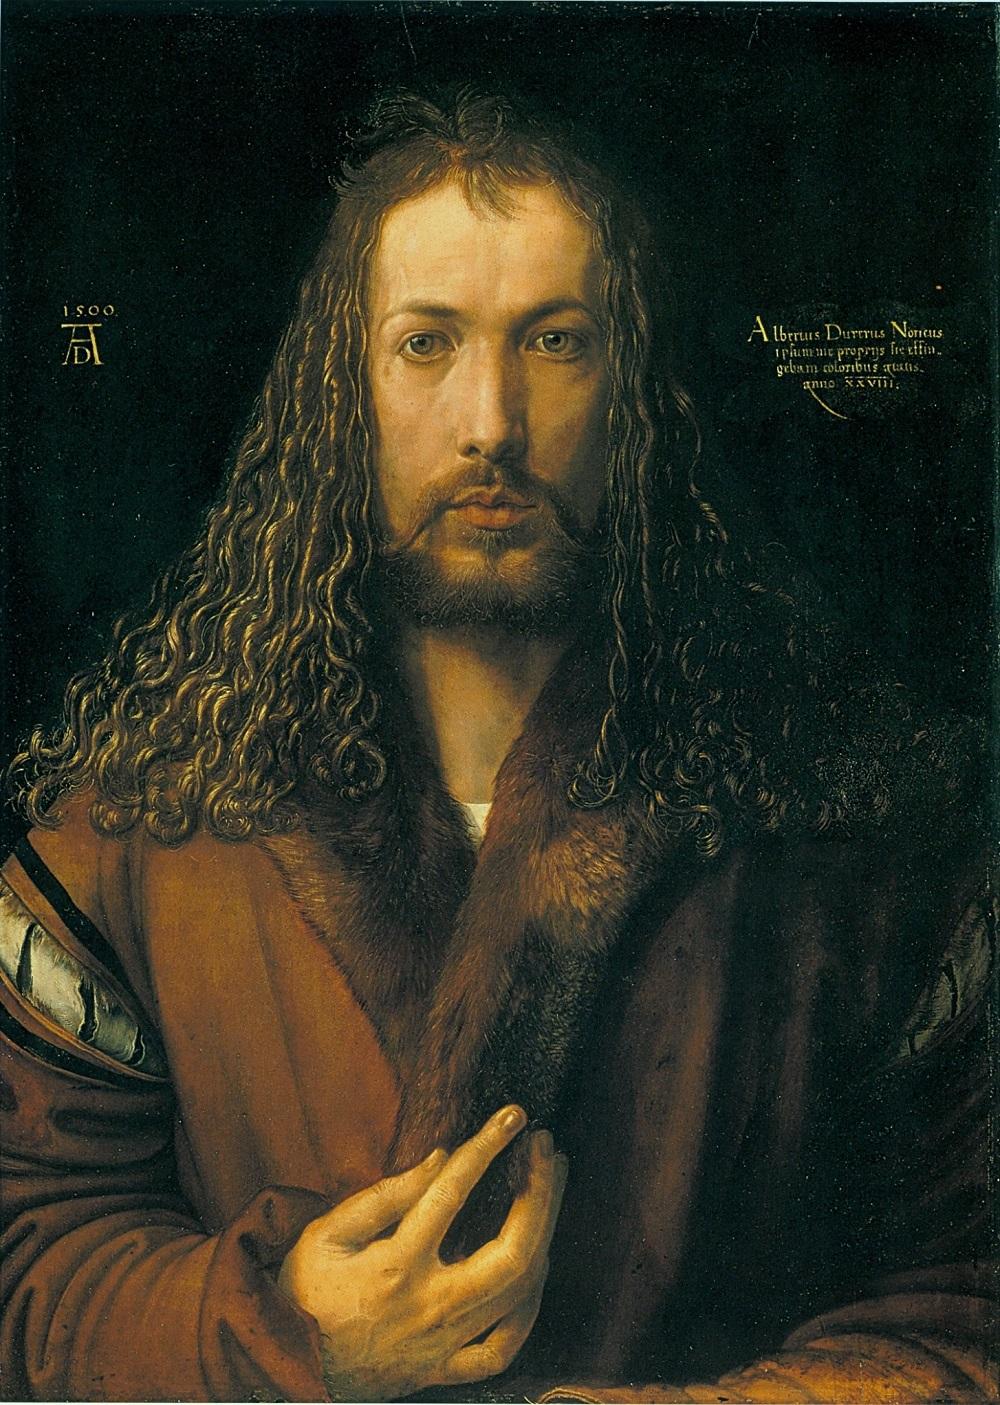 Автопортрет, 1500 г.